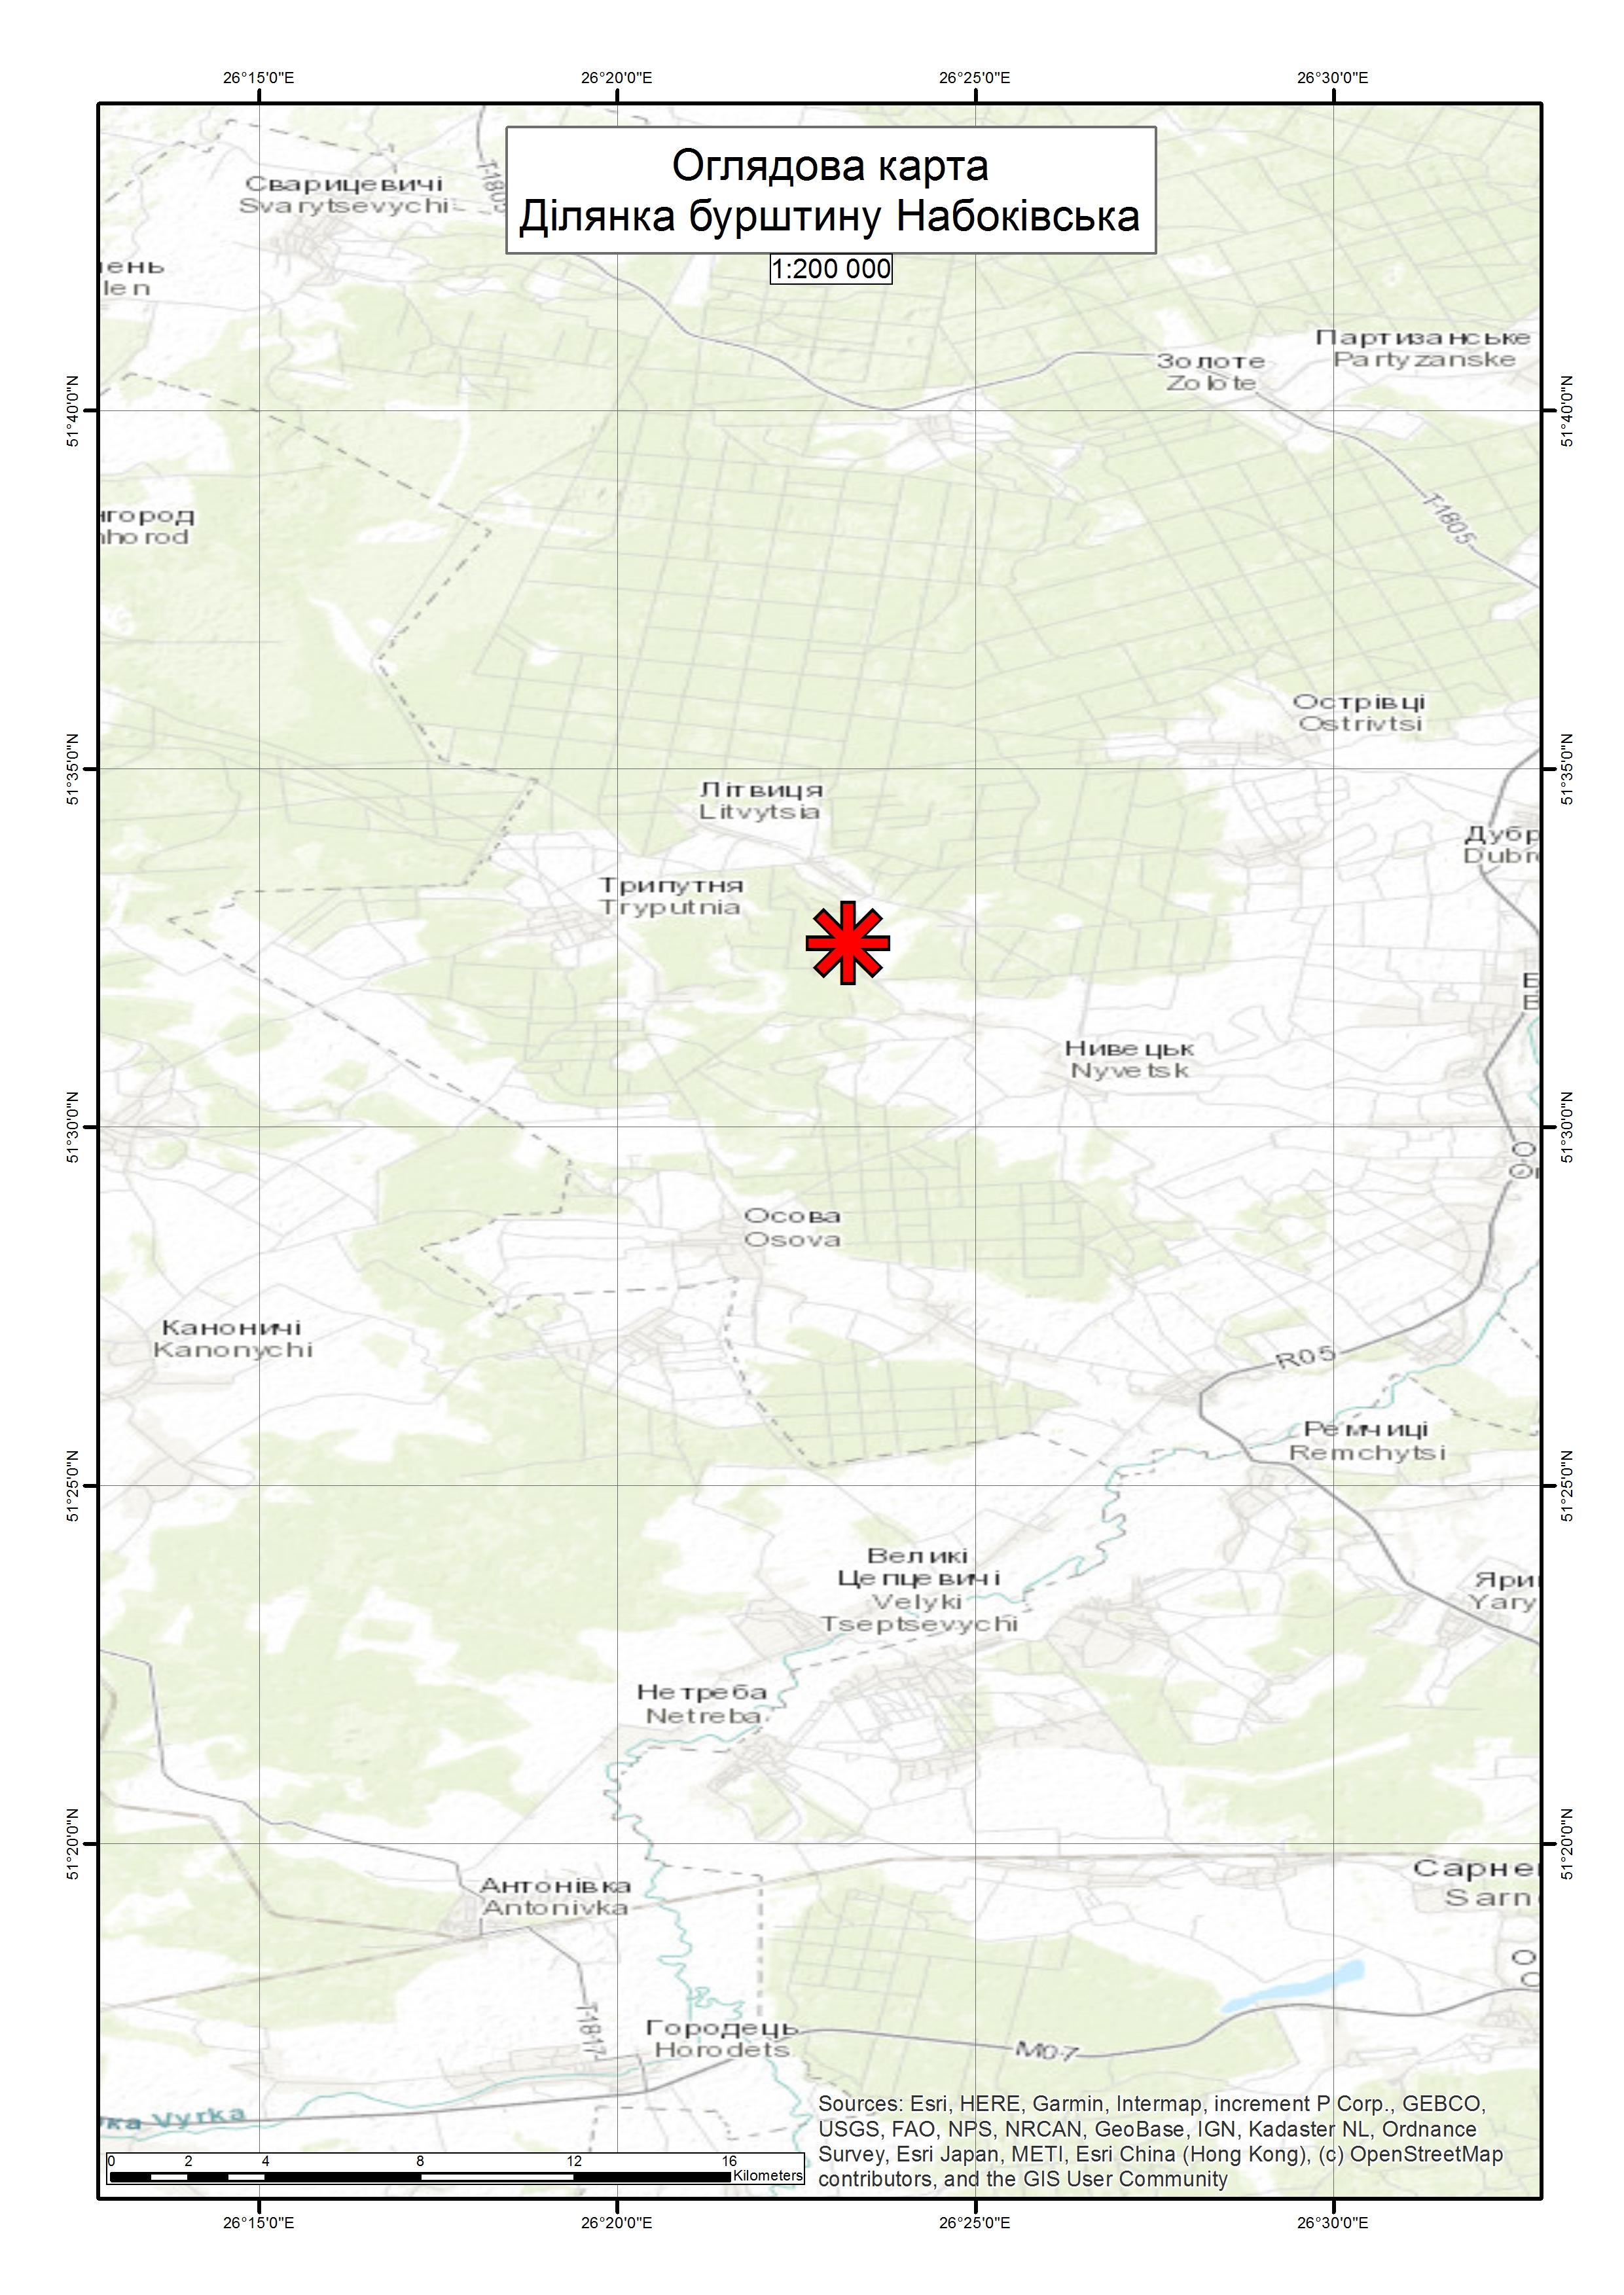 Спеціальний дозвіл на користування надрами – Ділянка Набоківська. Вартість геологічної інформації – 97 931,74 грн (з ПДВ). Вартість пакету аукціонної документації – 10 417,06 грн (з ПДВ).